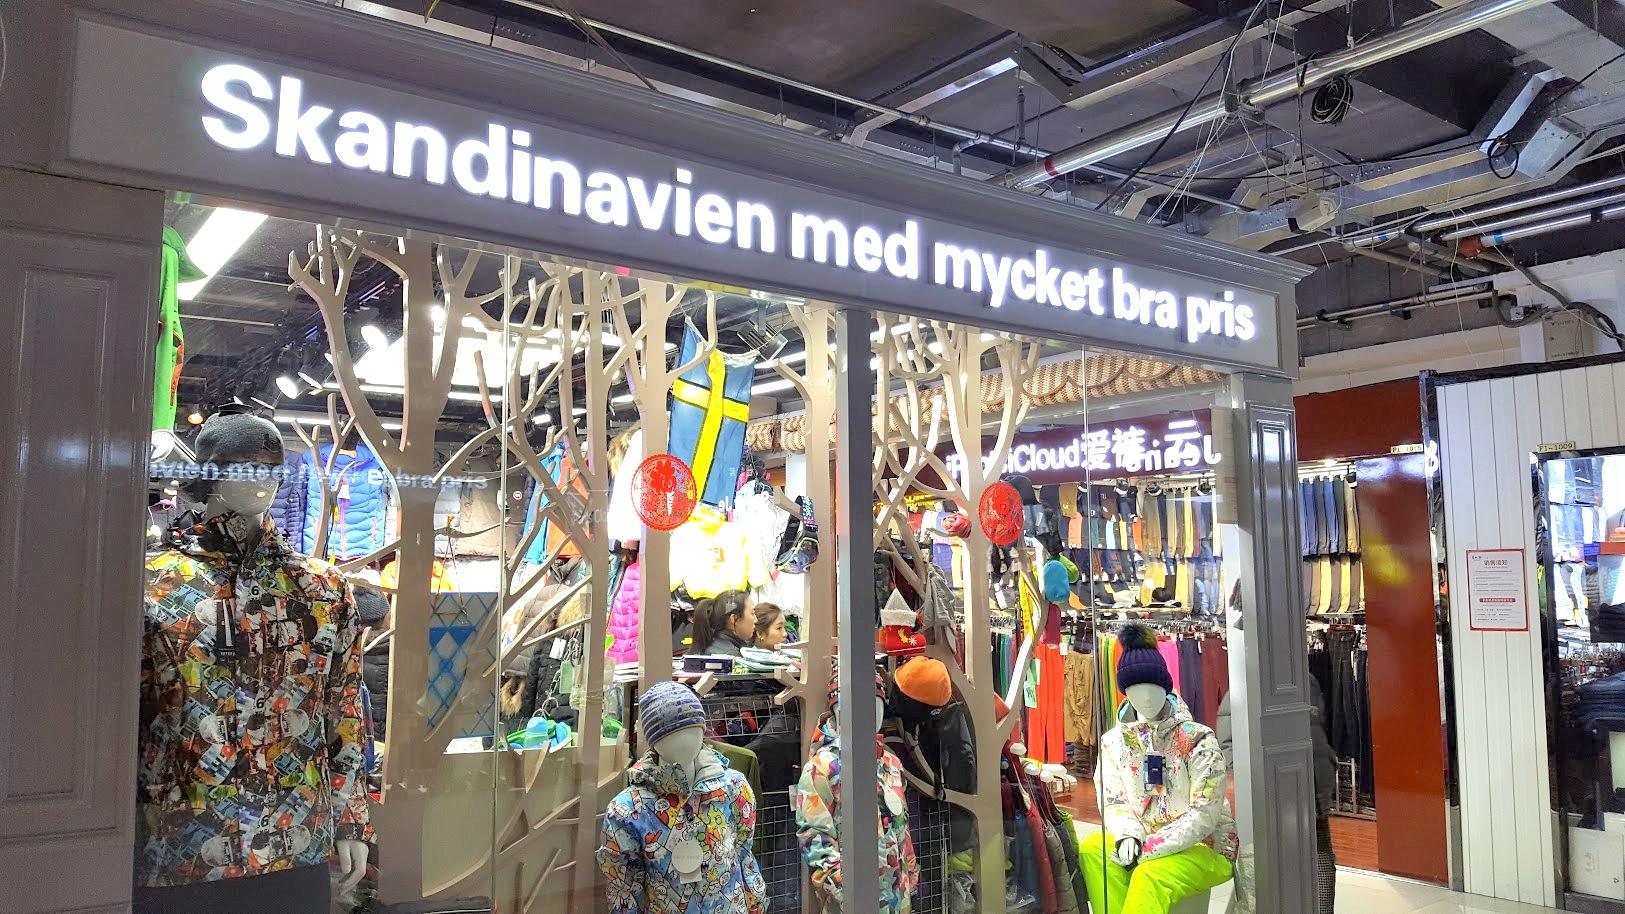 peking ostokset markkinat feikkimarkkinat silk market